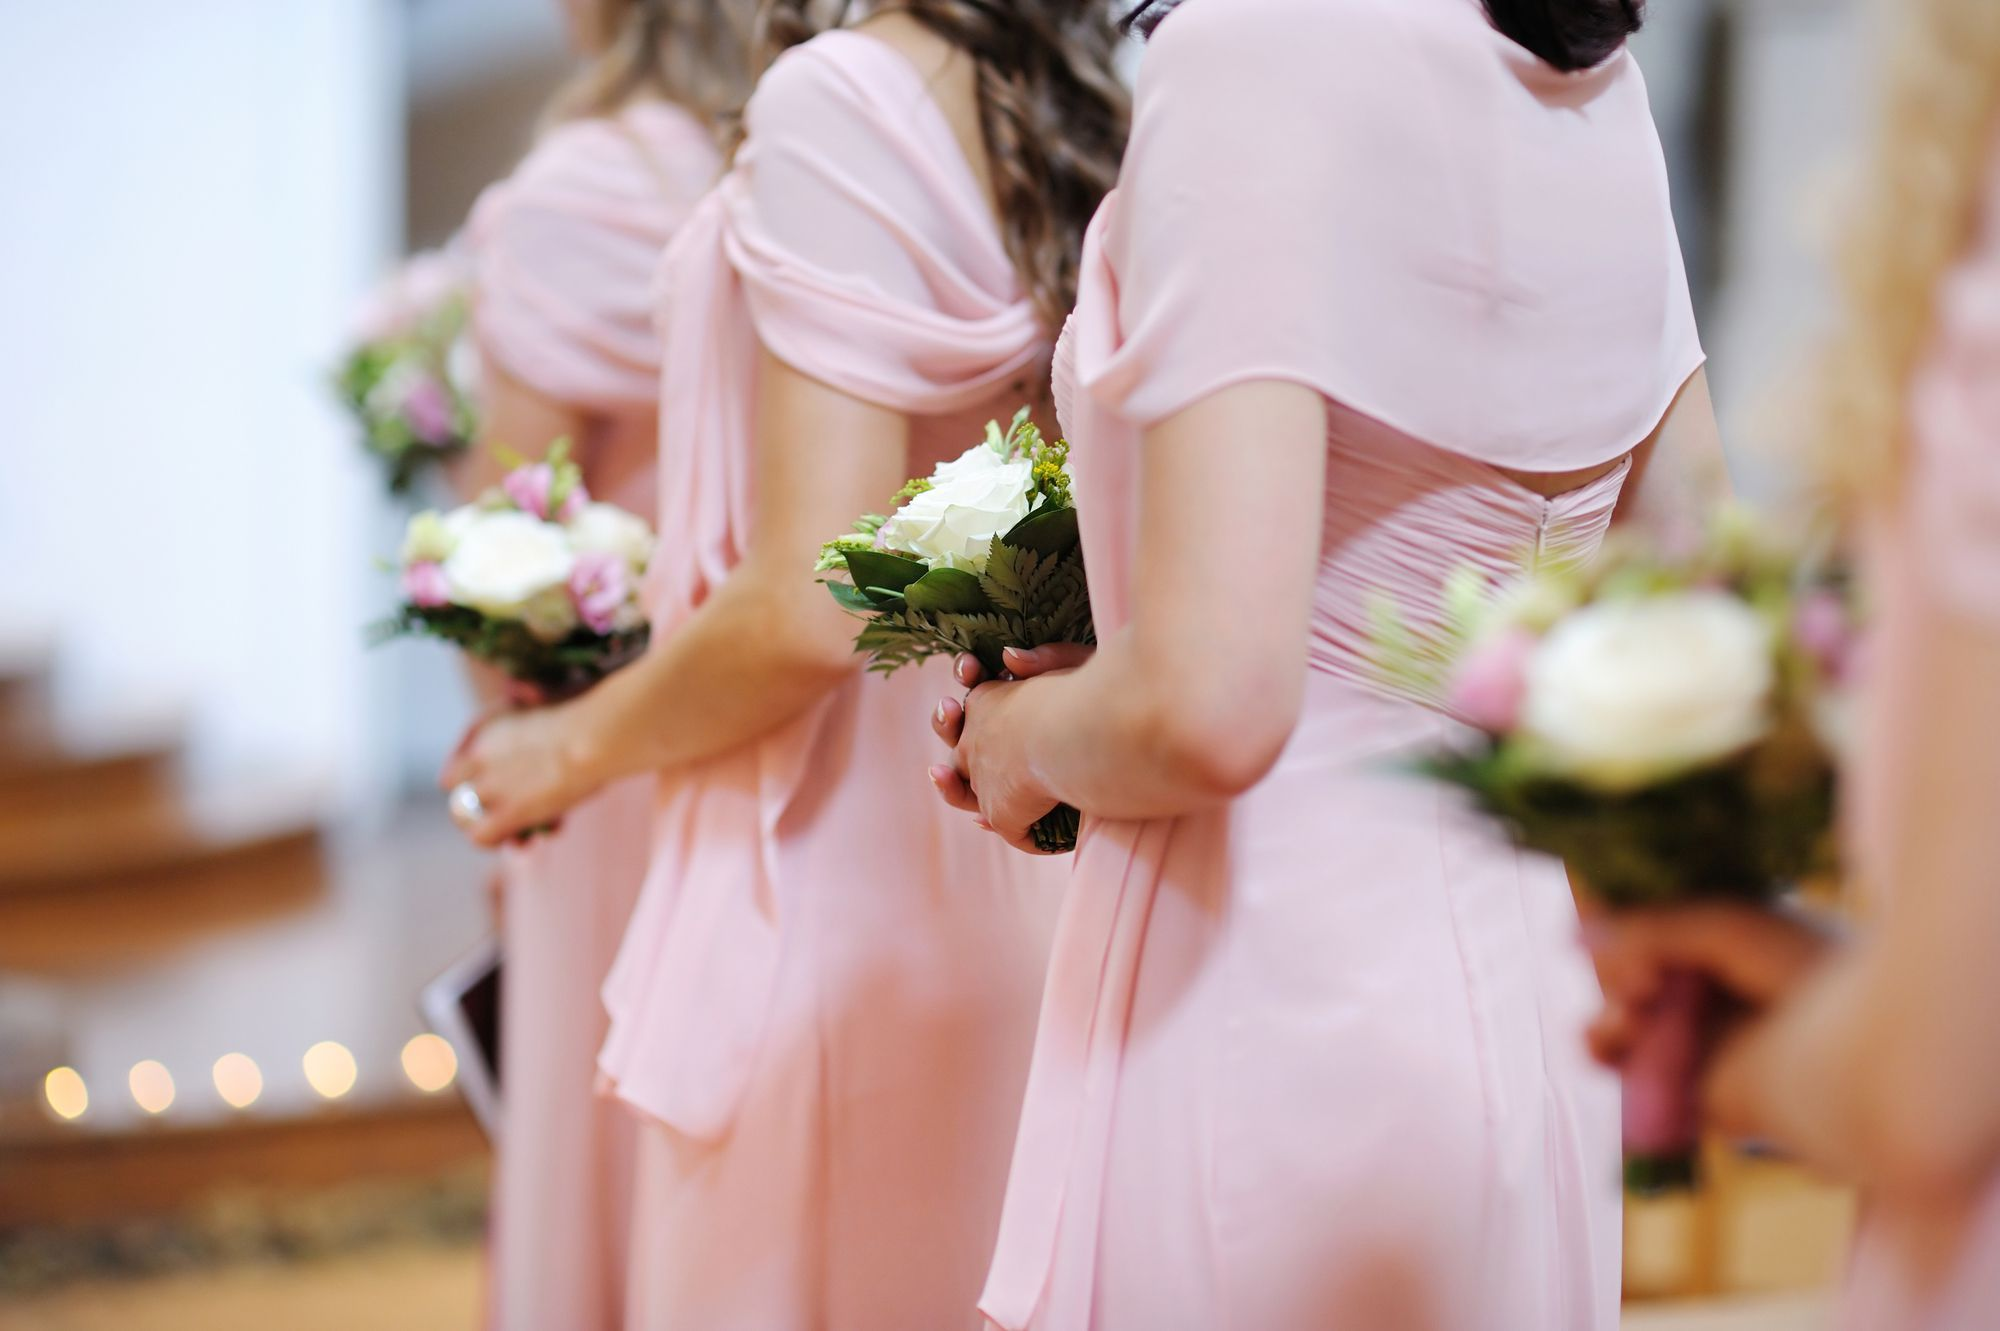 fd9e3b482 Vai ser madrinha  Atenção na organização do chá de lingerie - Blog ...